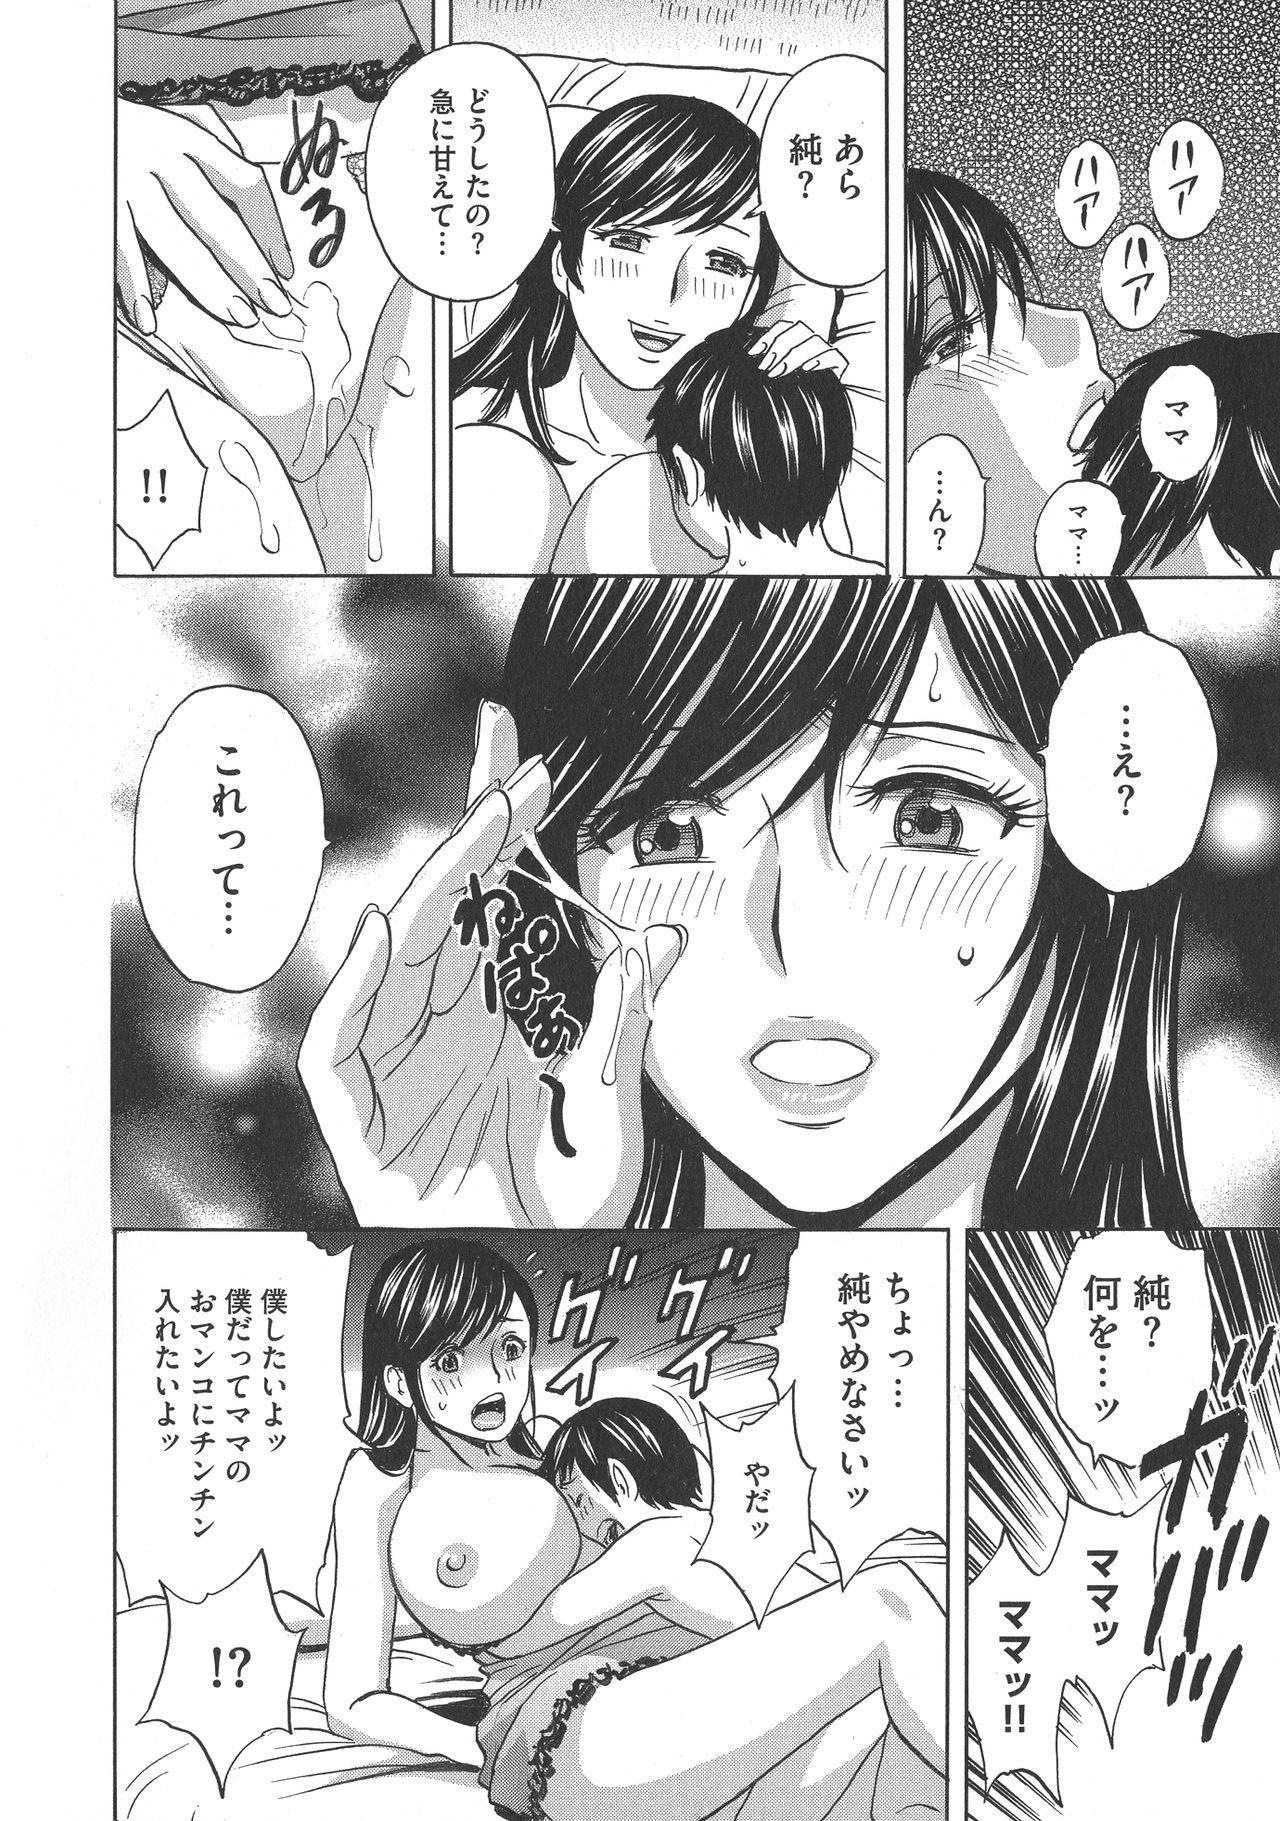 Chijoku ni Modaeru Haha no Chichi… 151